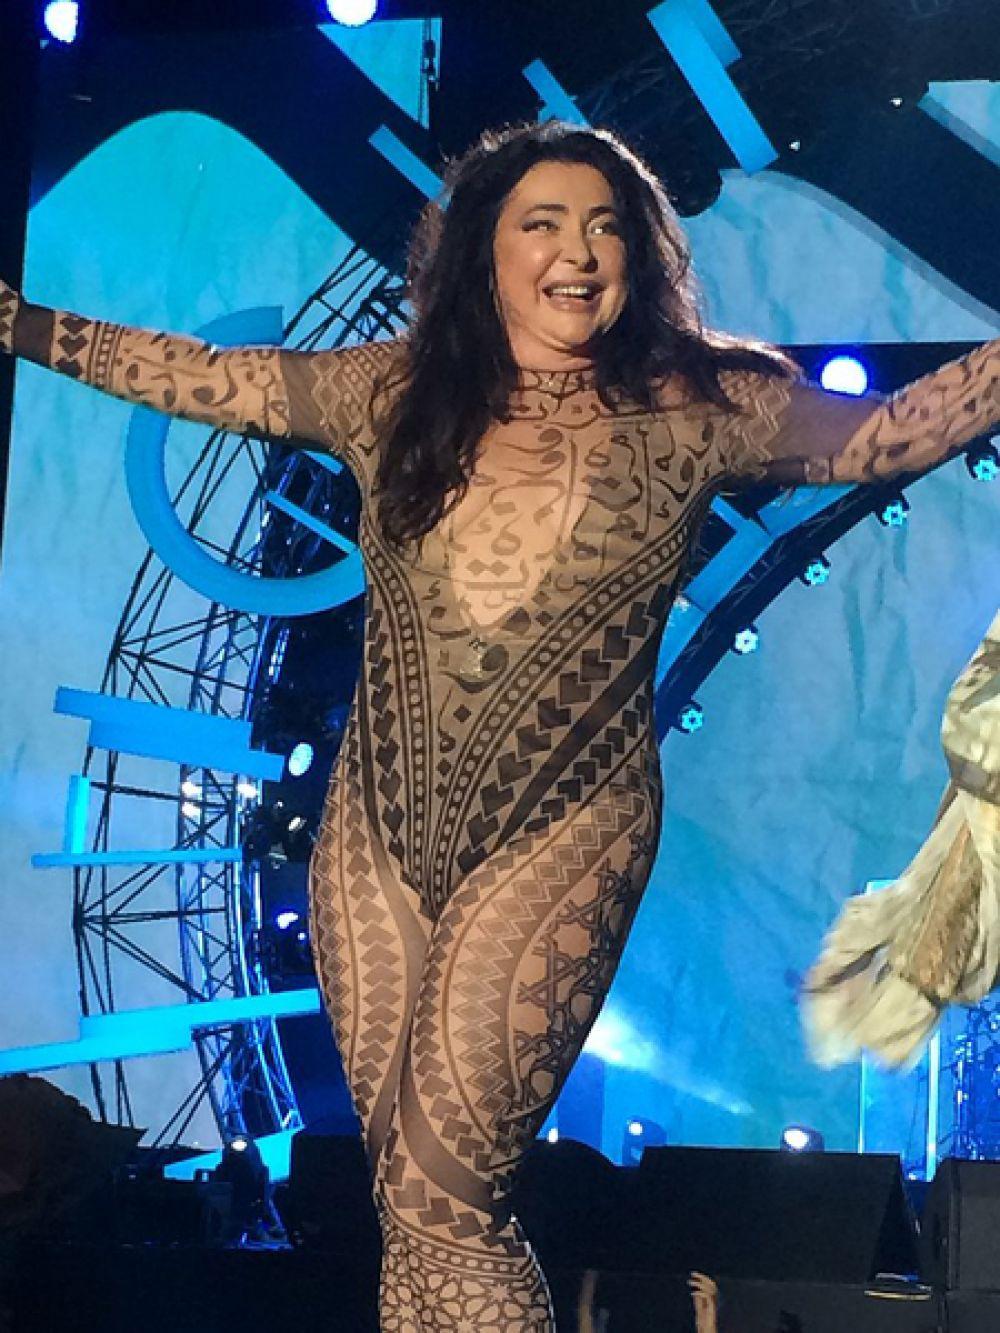 Певица Лолита Милявская на международном музыкальном фестивале «Жара» в Баку, 2017 год.